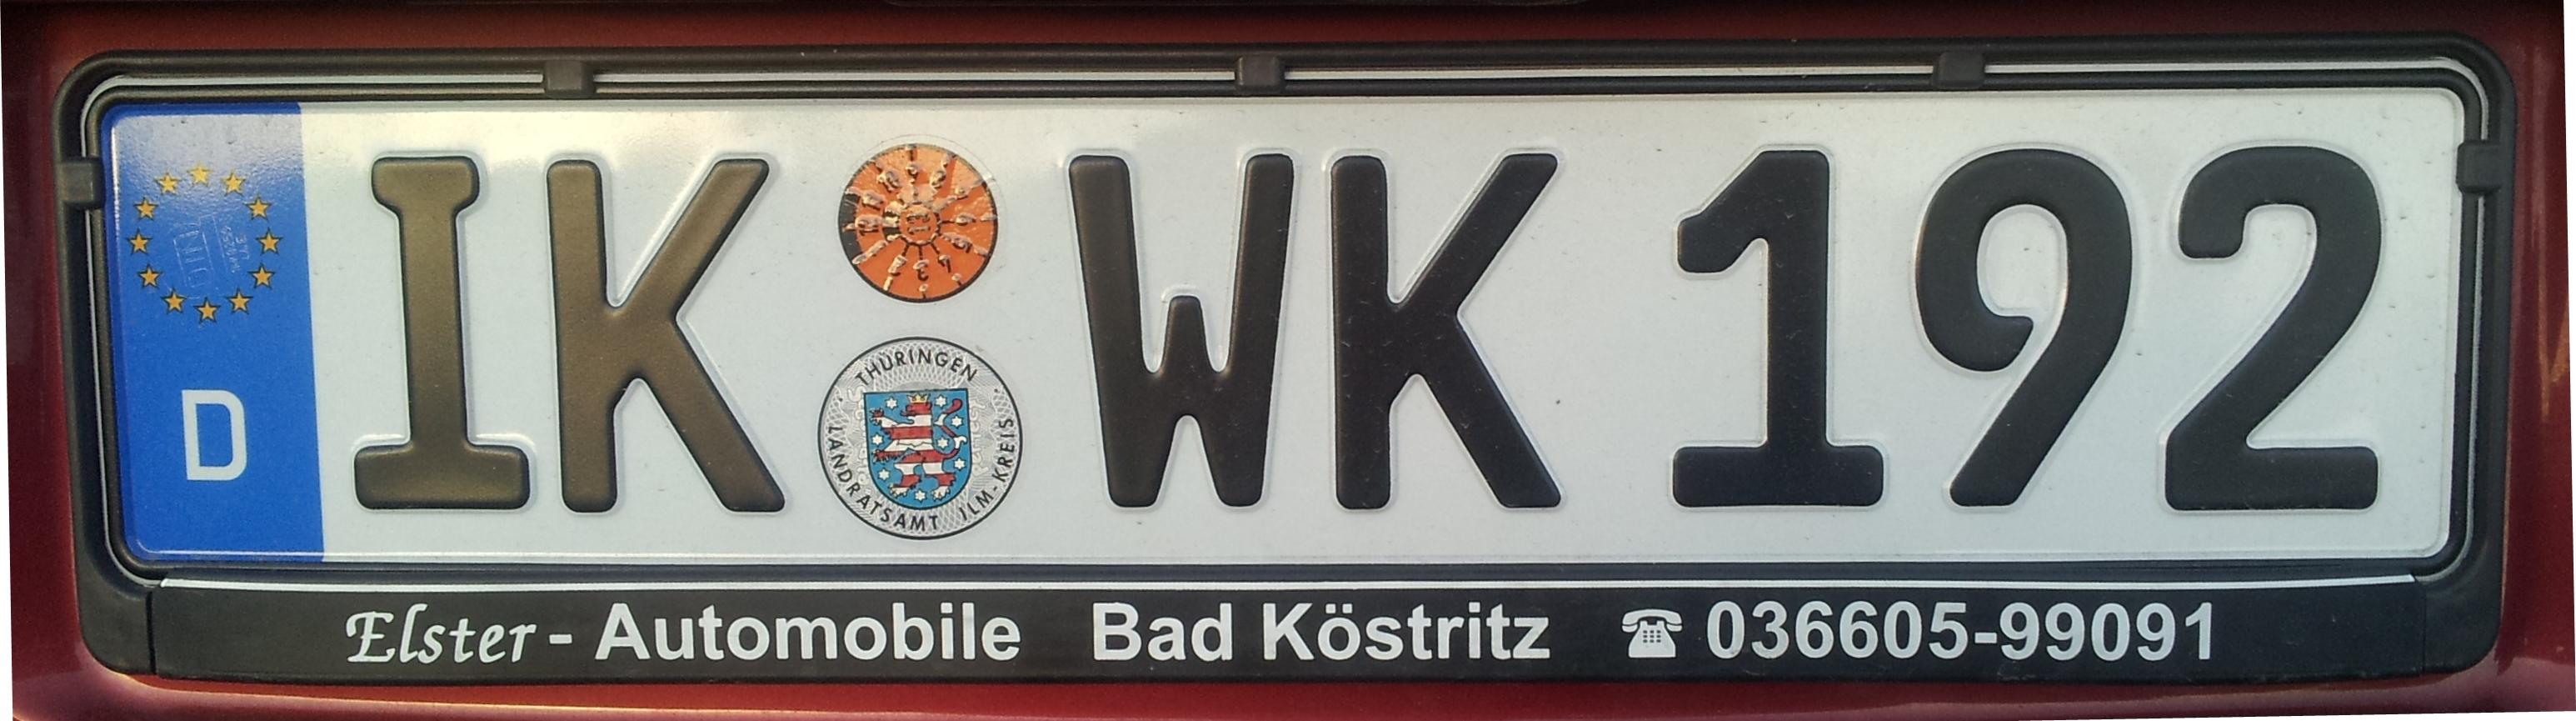 banner-ik-wk_192 (Kaßbohm cc-by-nc-sa)